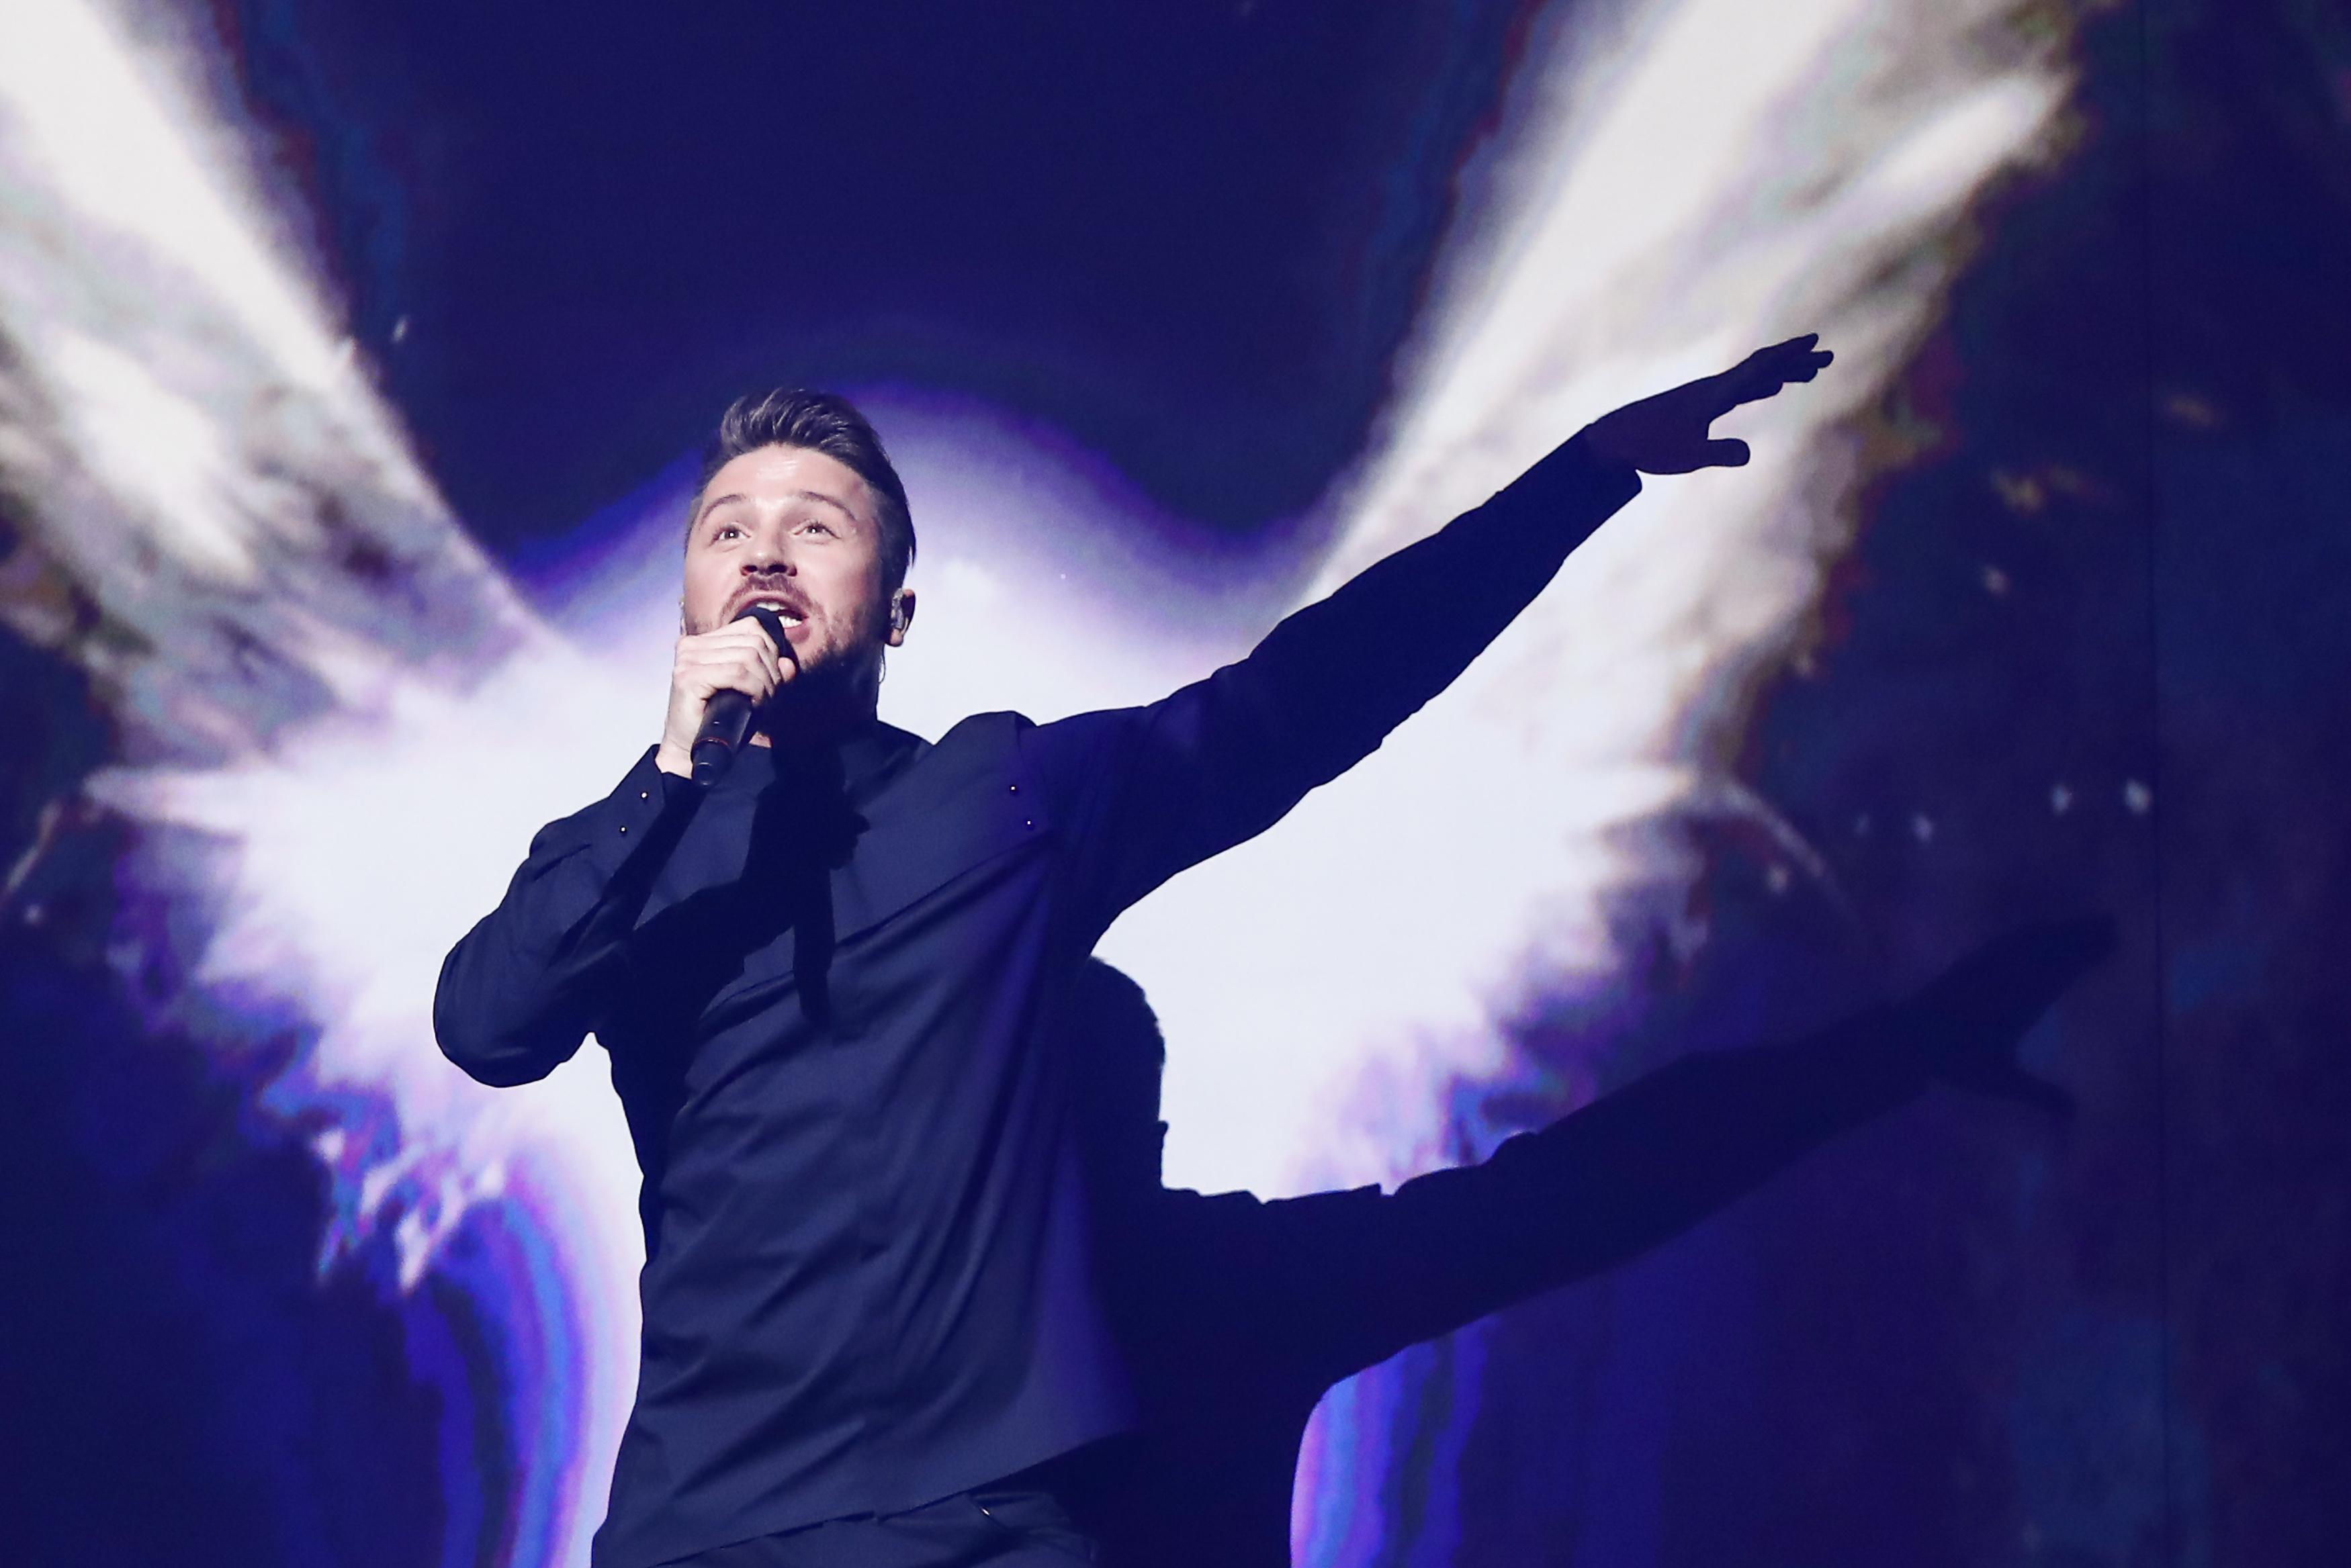 Foto: Andres Puting / EBU